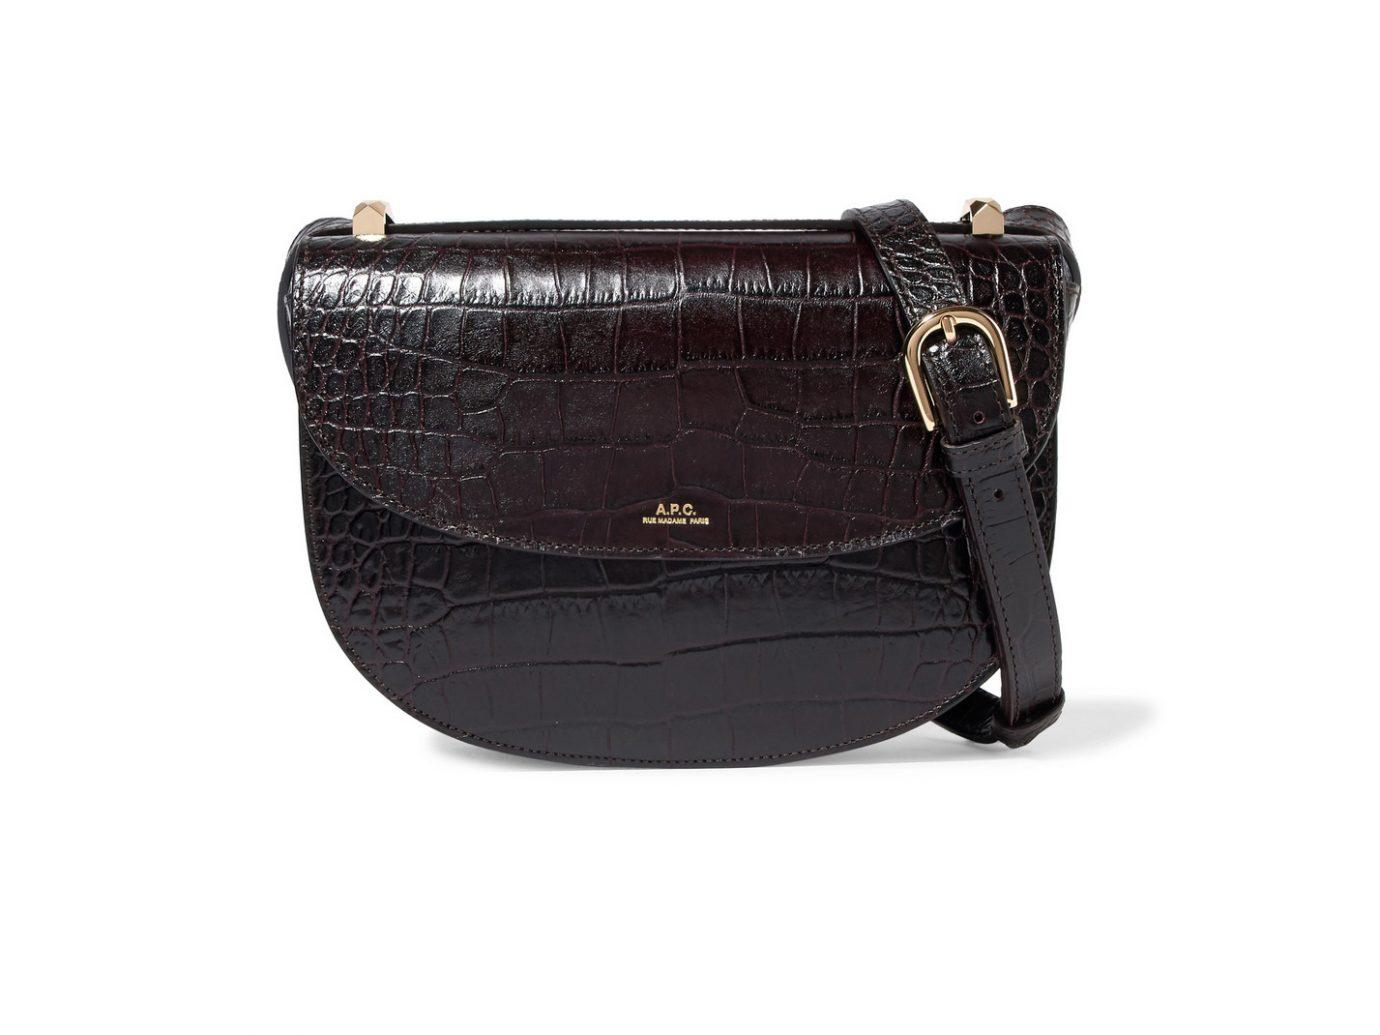 APC Atelier de Production et de Creation Geneve croc-effect leather shoulder bag